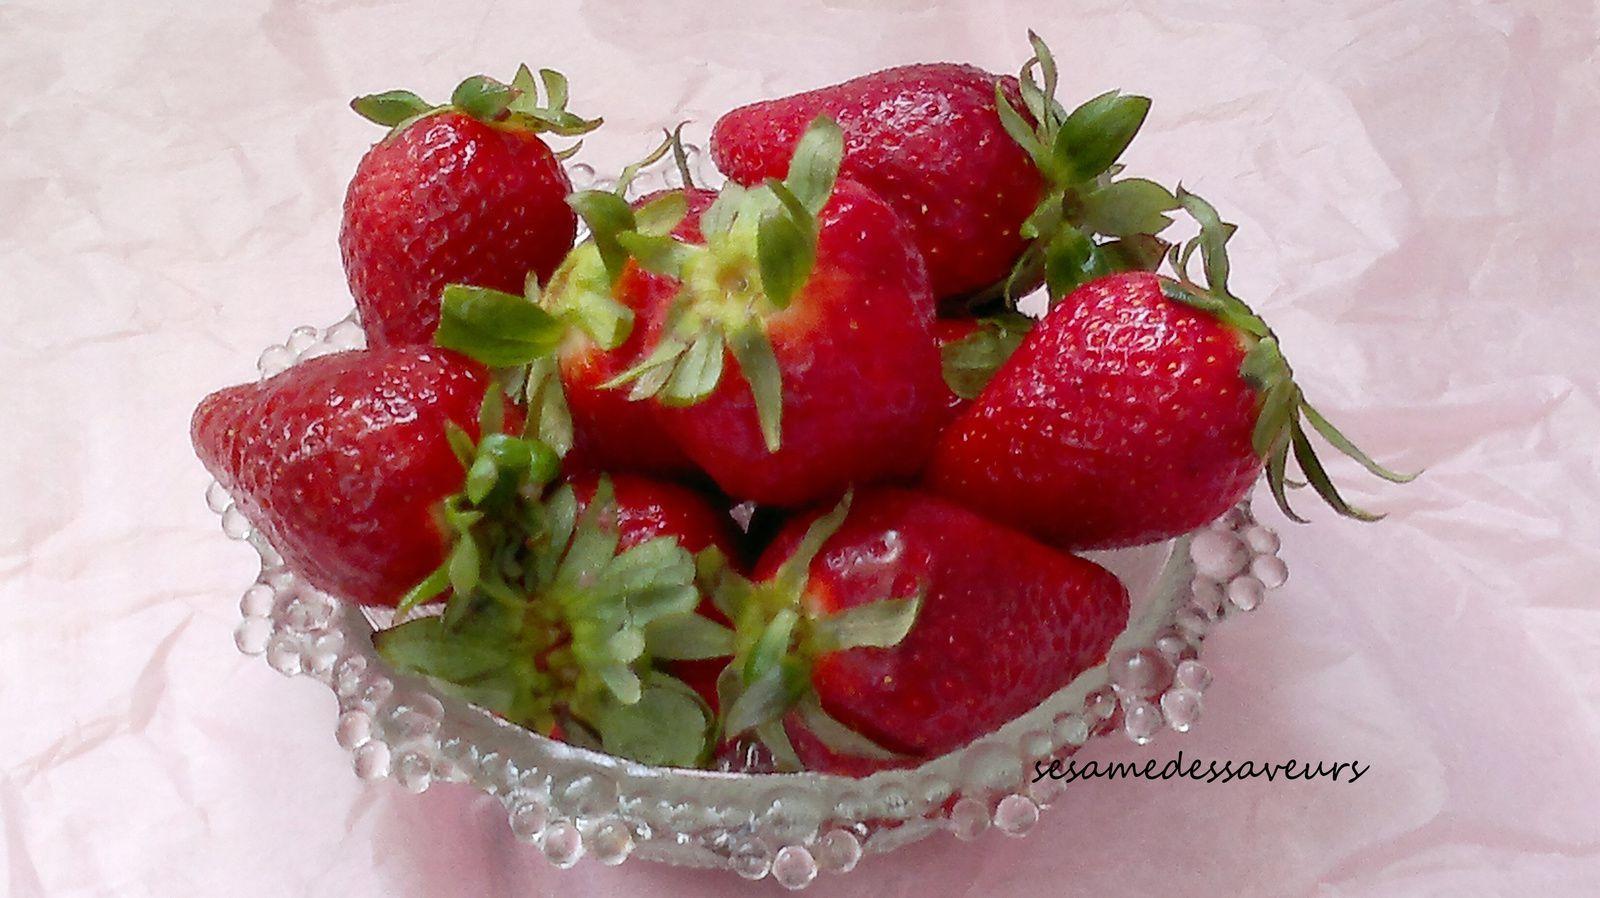 la fraise: vertus et recettes - le sésame des saveurs